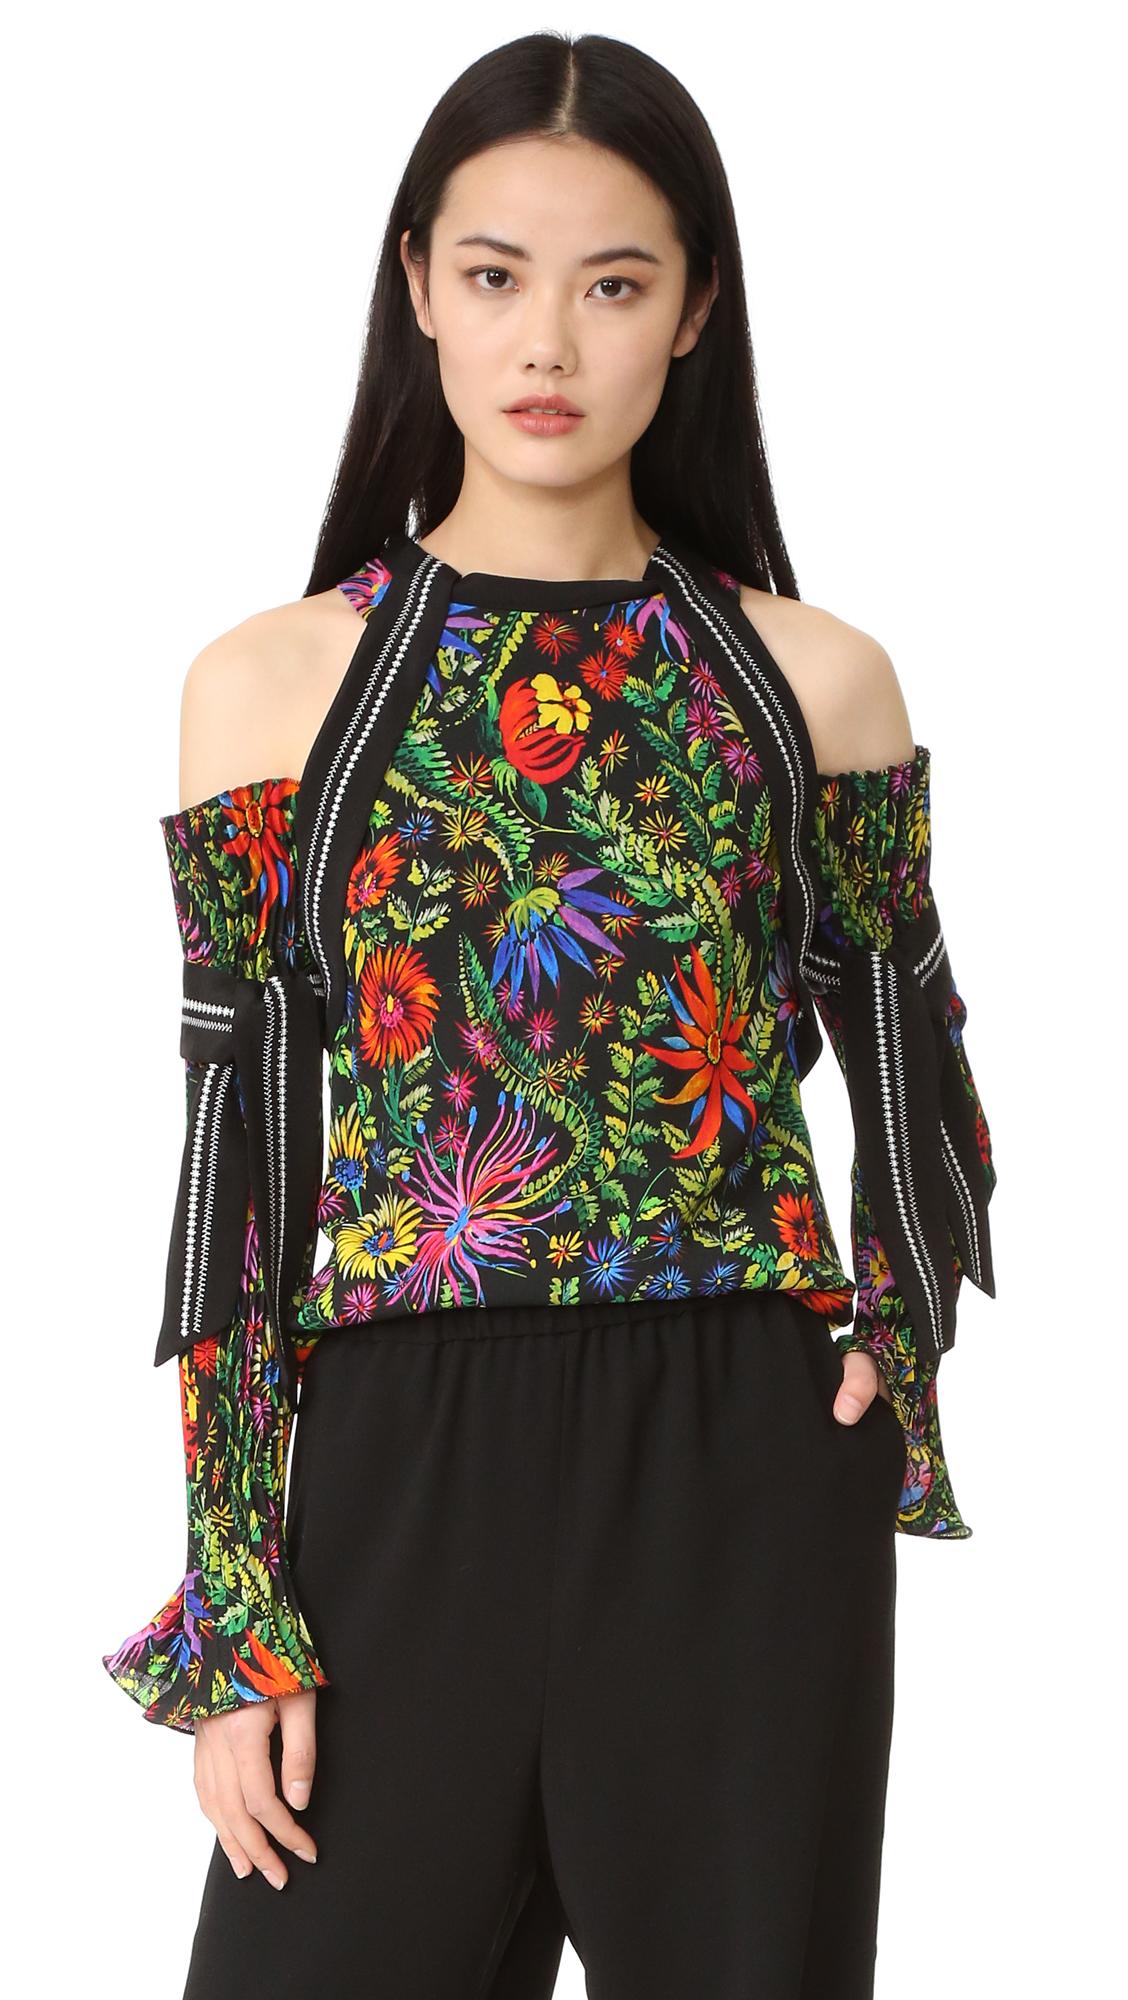 3.1 Phillip Lim Floral Cold Shoulder Blouse - Black Multi at Shopbop